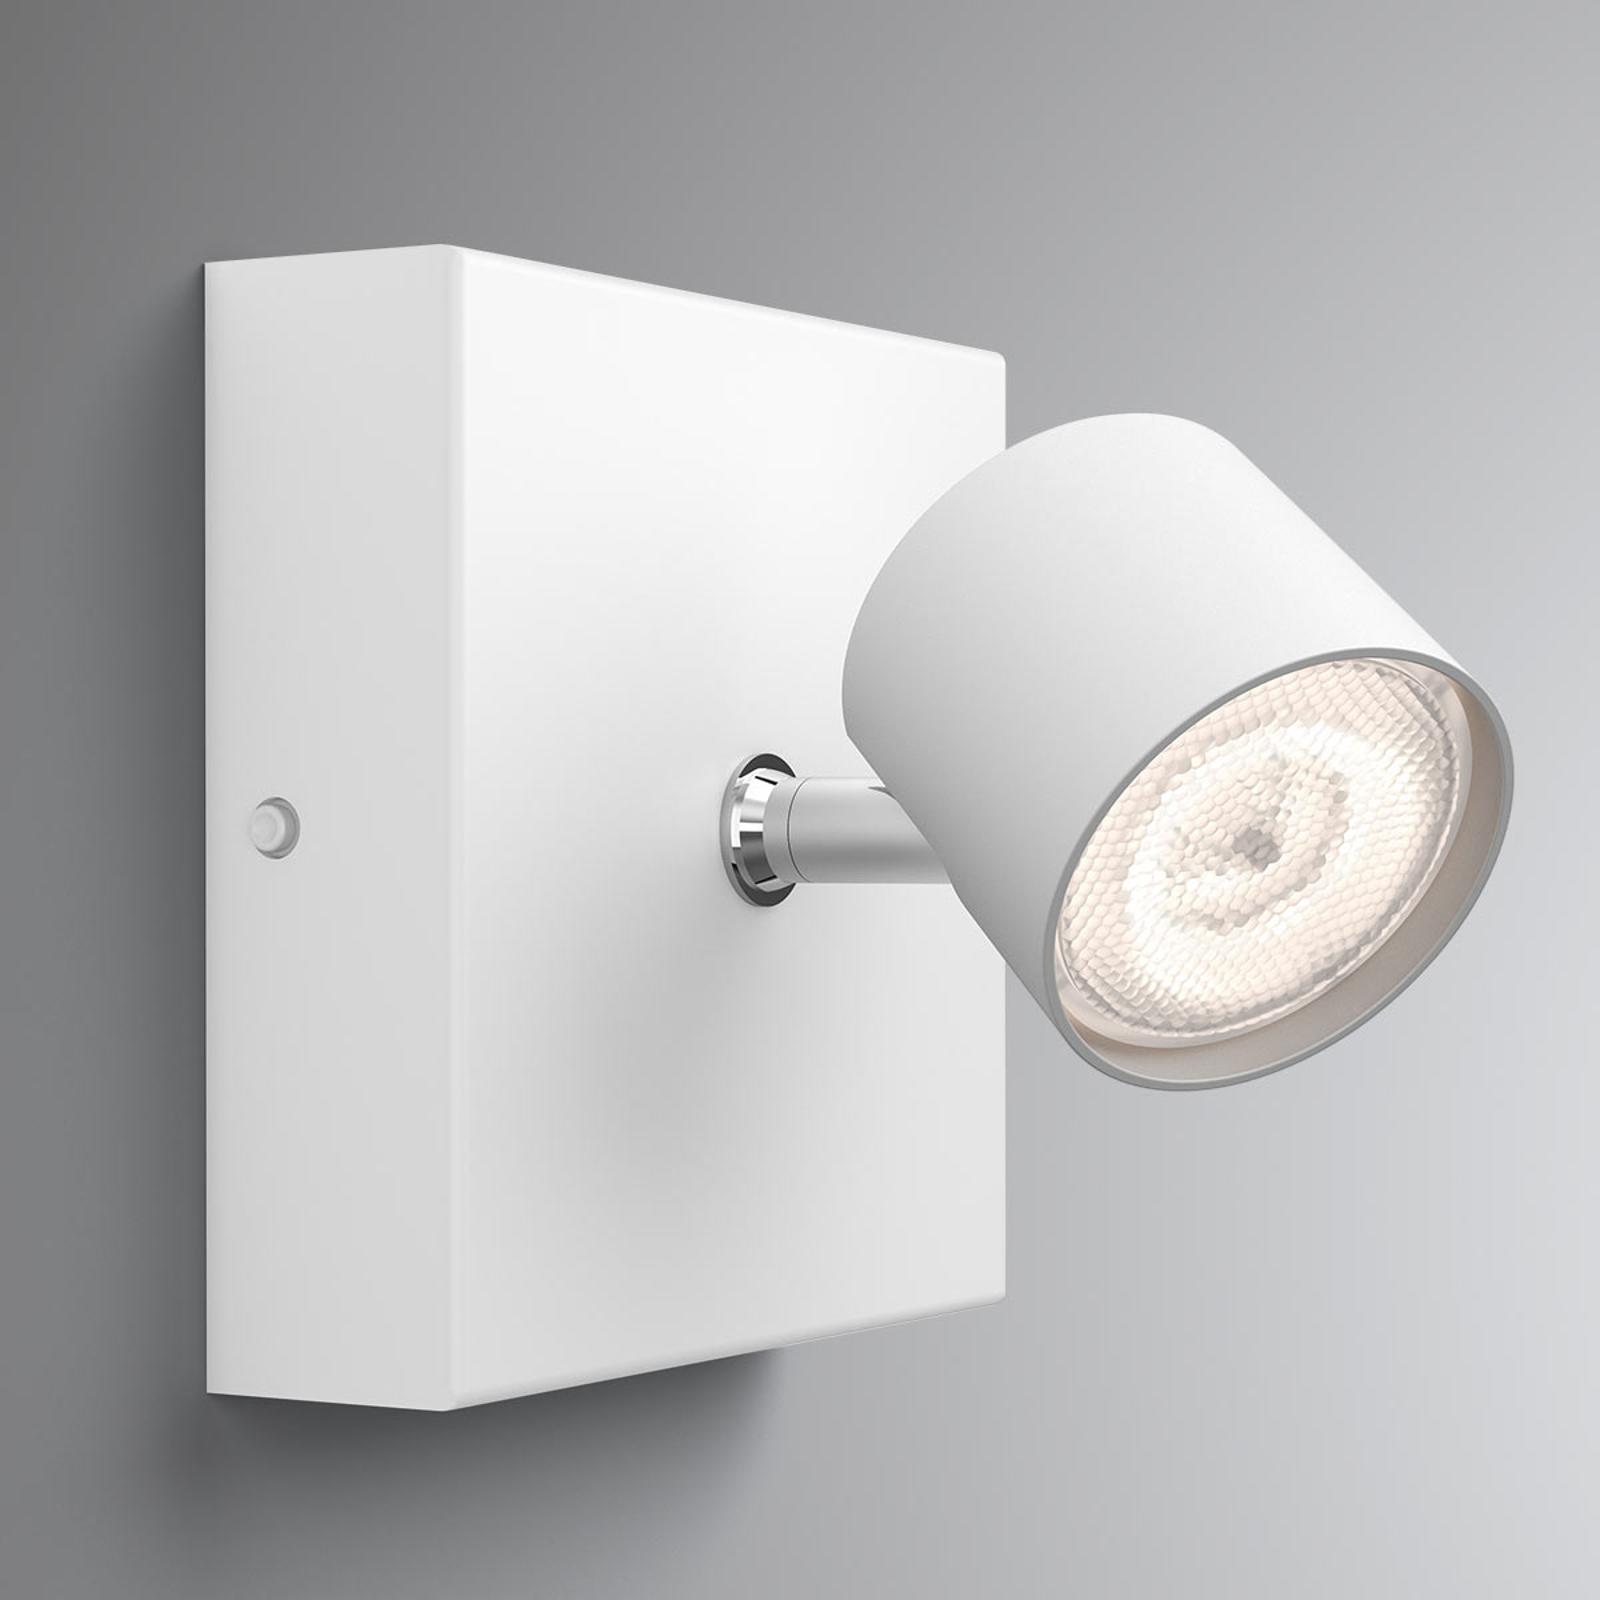 Star - LED spot dimbar med warmglow-effekt